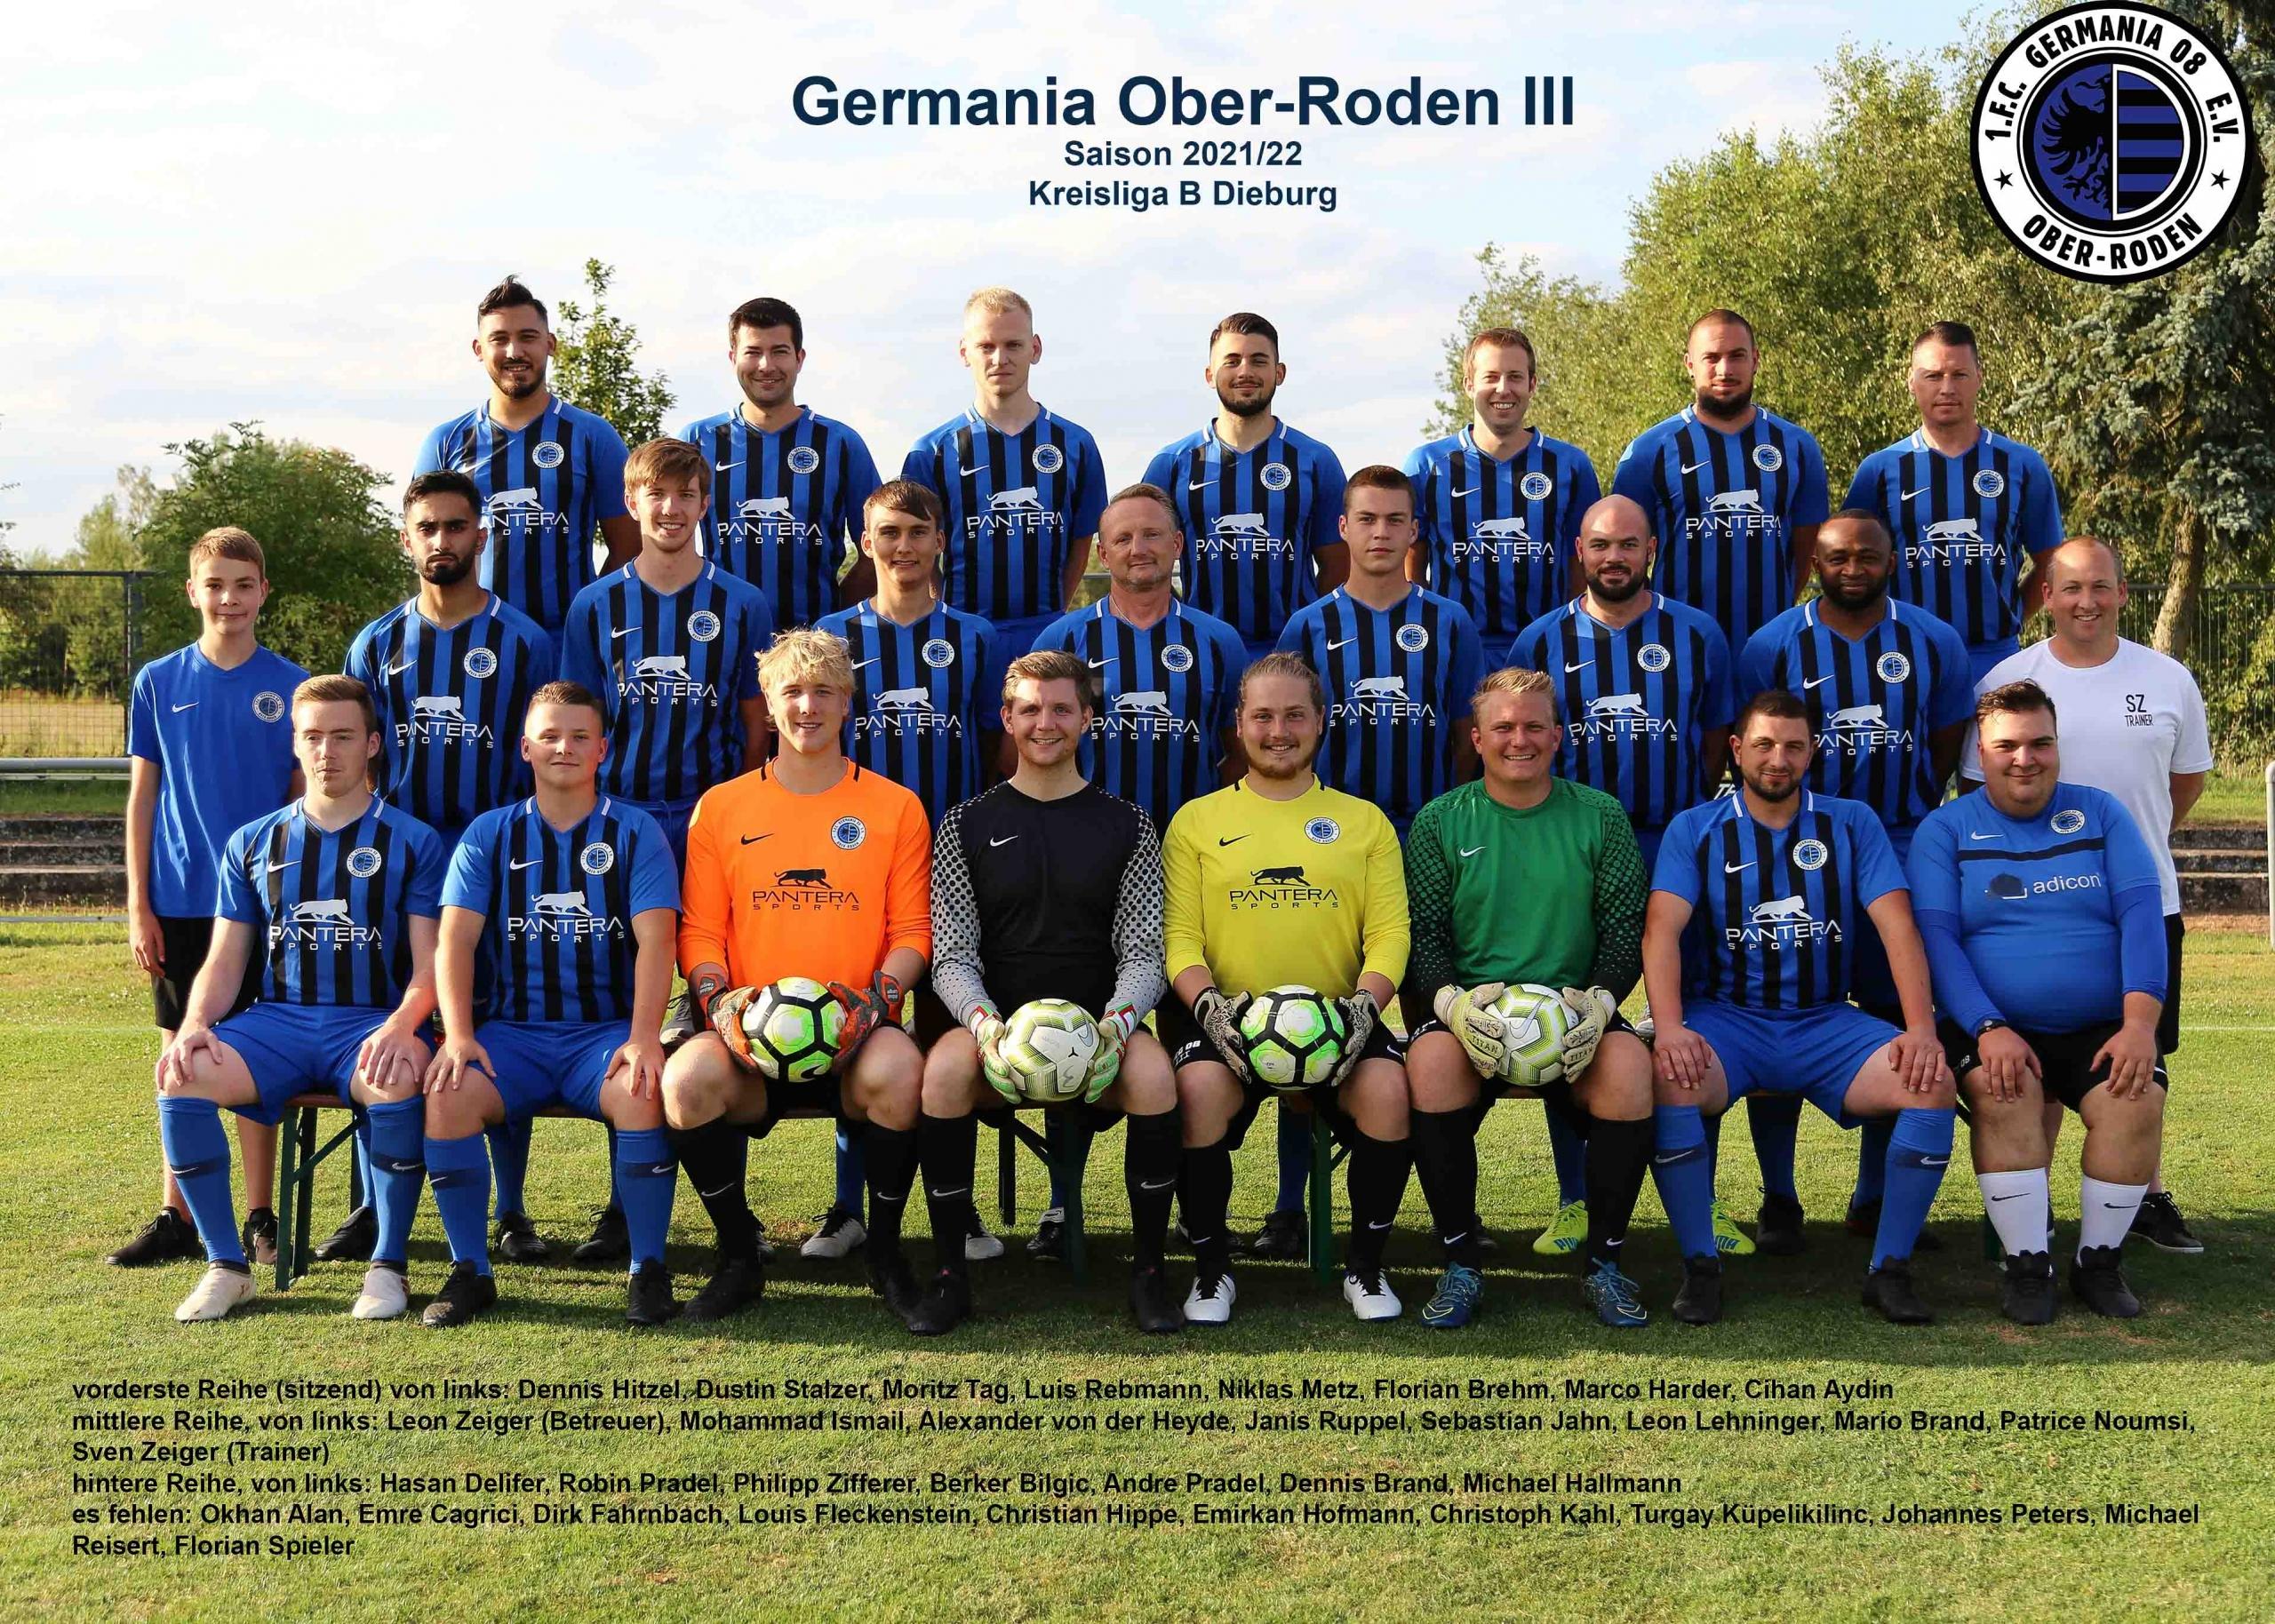 Germania Ober-Roden III 2021-22